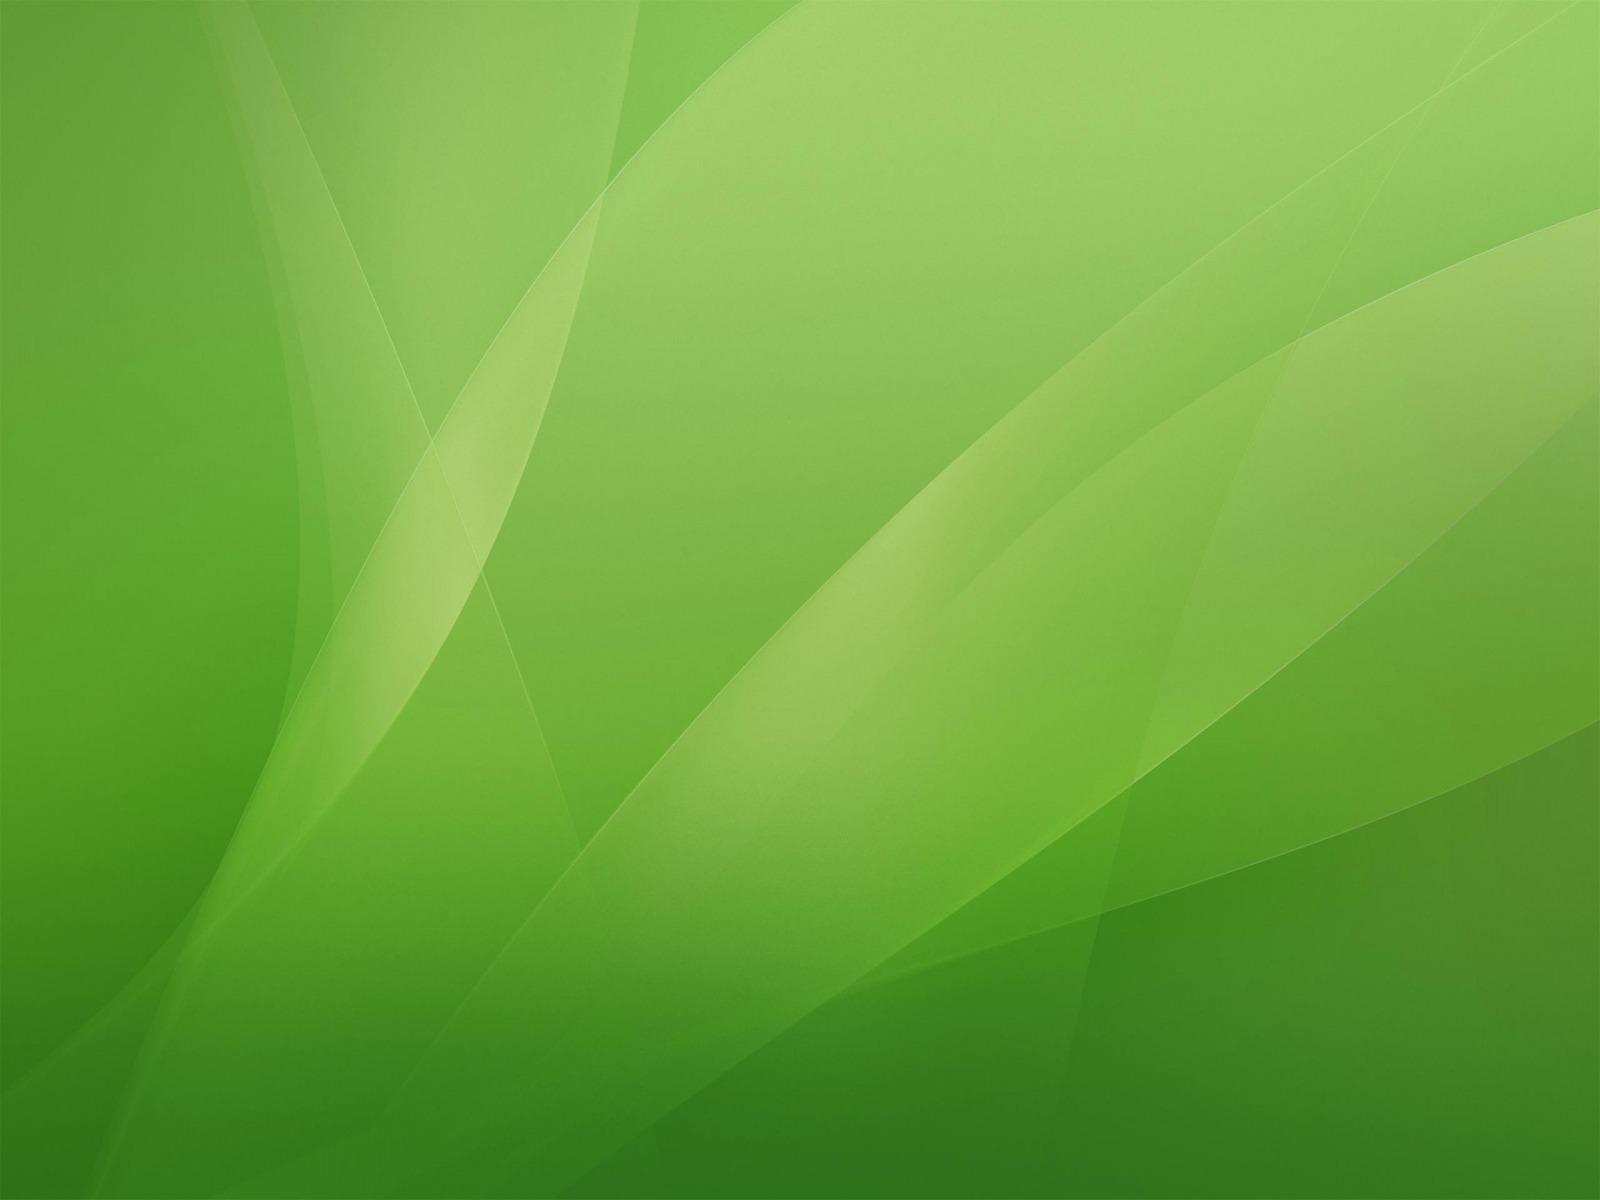 Light Green Backgrounds HD wallpaper background 1600x1200